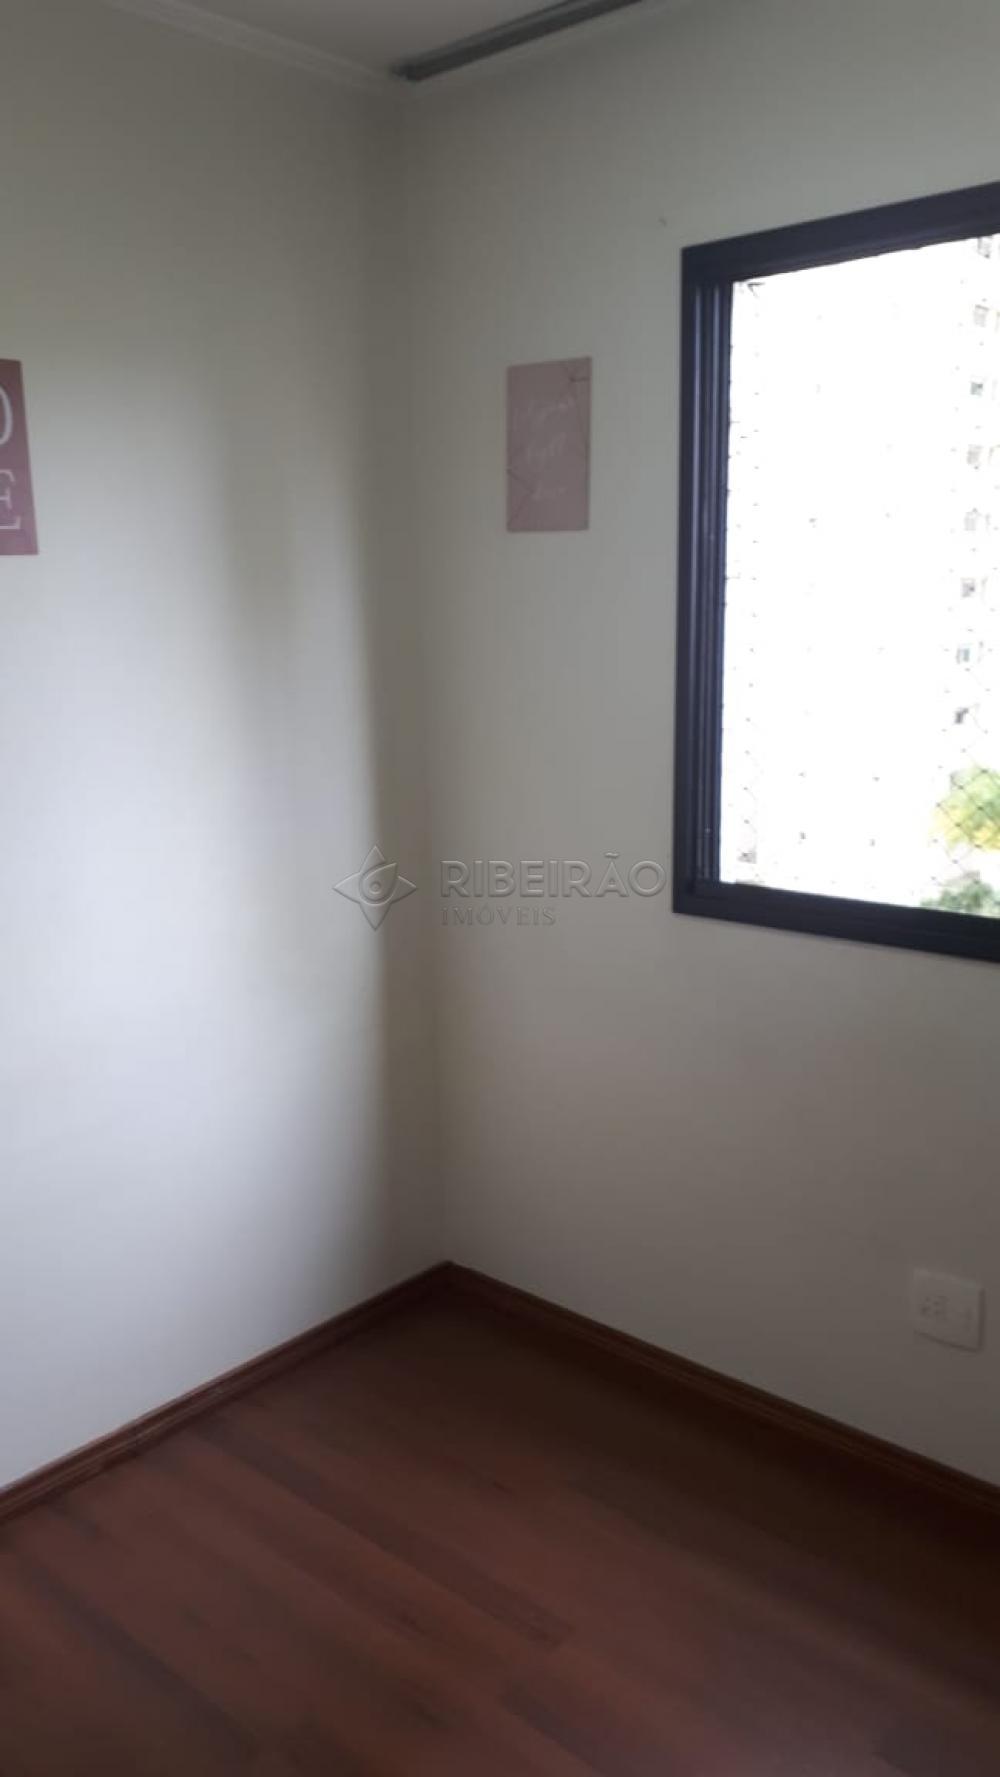 Comprar Apartamento / Padrão em São Paulo R$ 720.000,00 - Foto 9